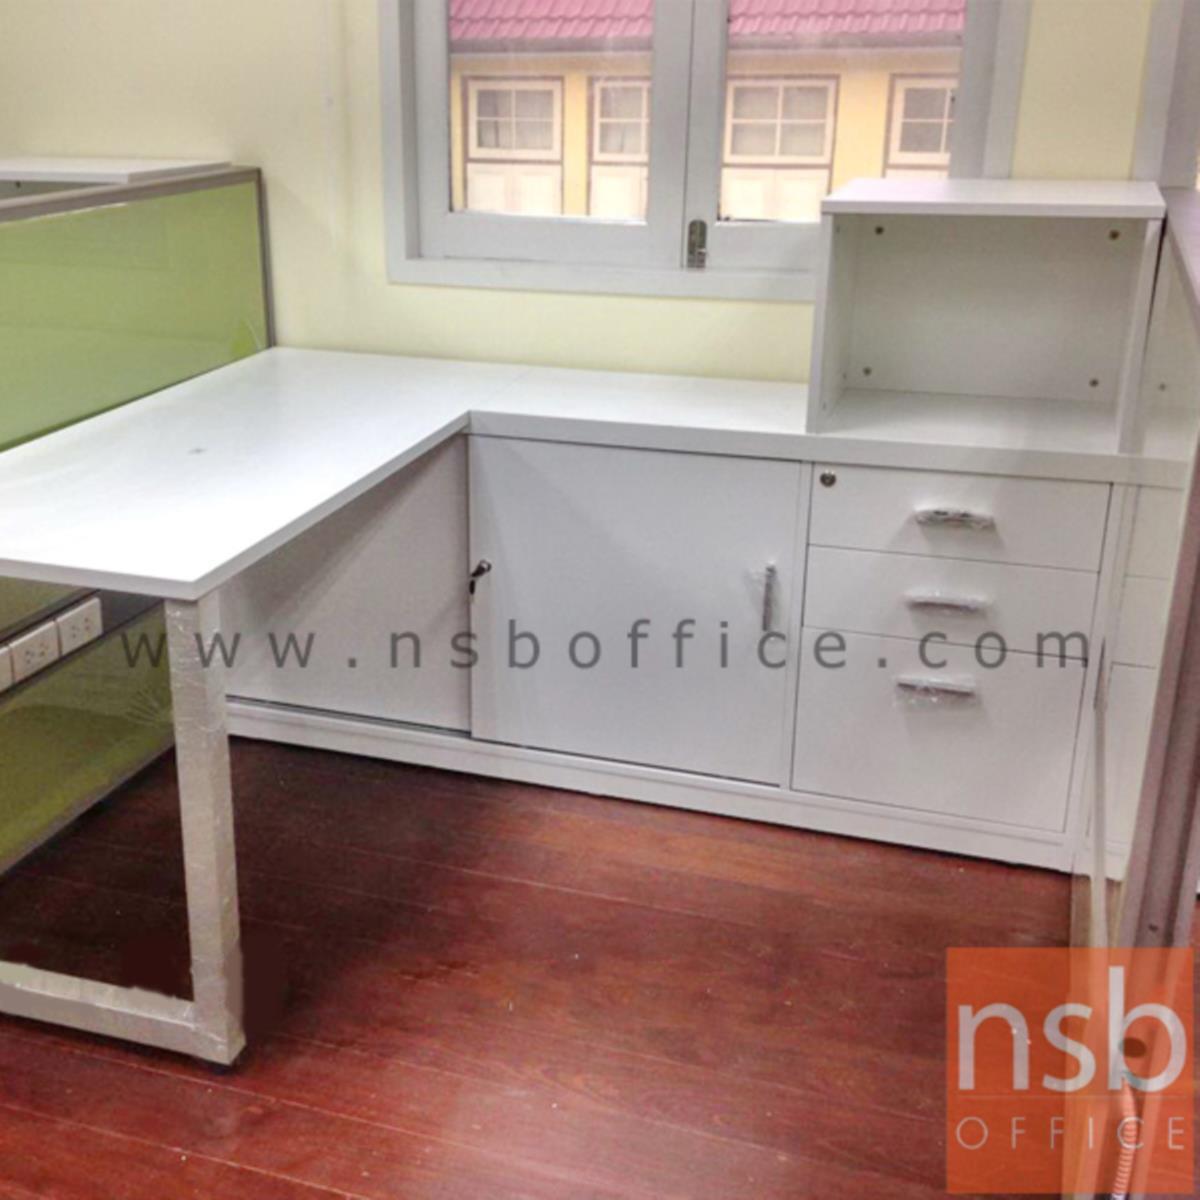 โต๊ะทำงานตัวแอล รุ่น Pixies (พิกซี่ส์) ขนาด 140W1*170W2 cm. พร้อมตู้ข้าง